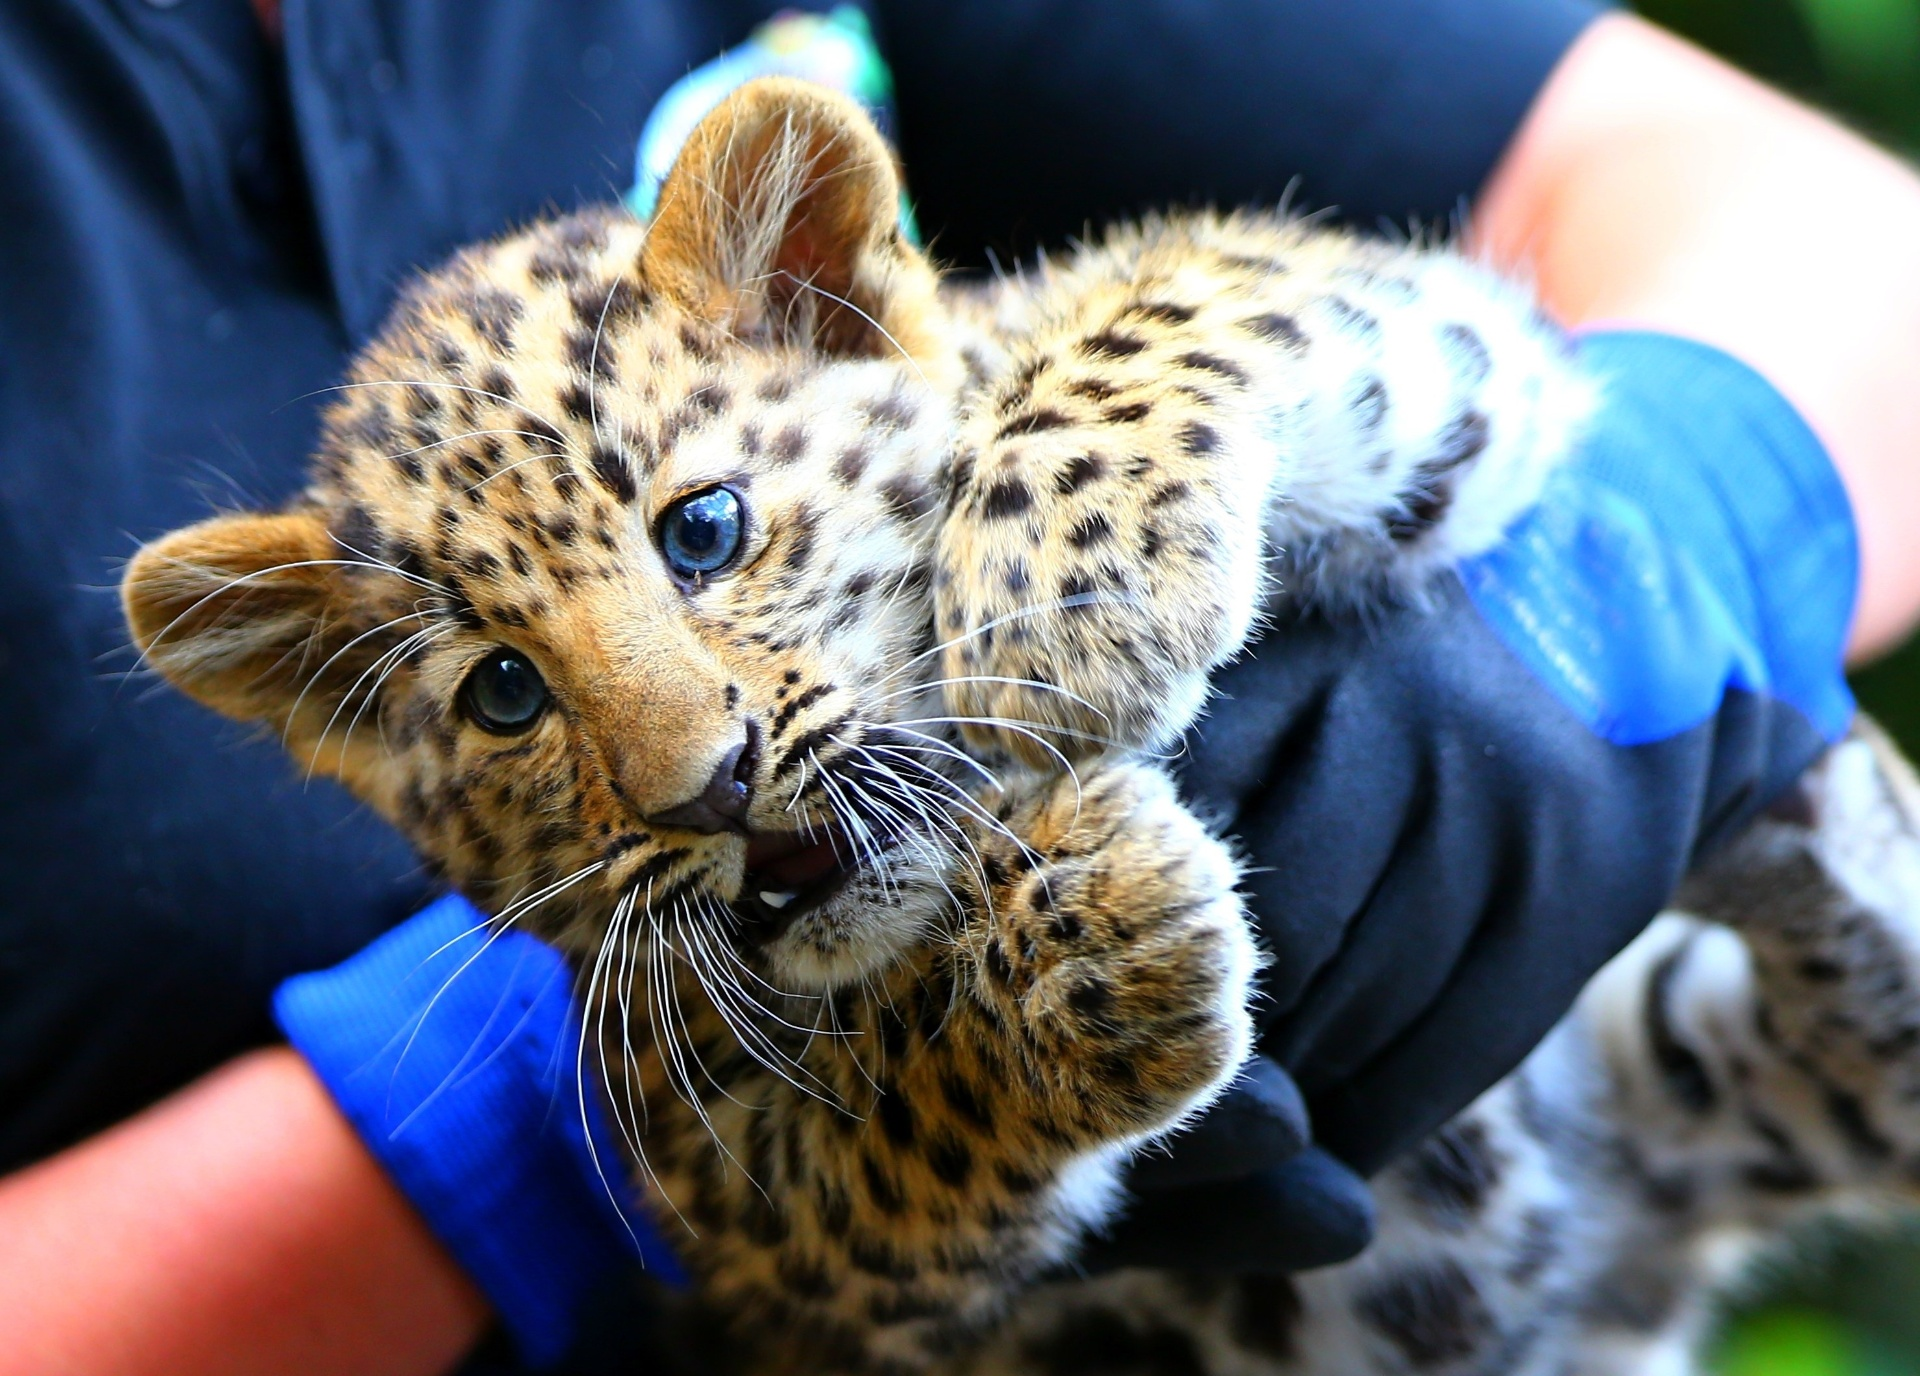 7.ago.2016 - Funcionário segura um filhote de leopardo-de-amur no parque Bellewaerde em Ieper, na Bélgica. Dois filhotes da espécie nasceram em maio e foram tornados públicos recentemente. Os leopardos-de-amur estão na lista vermelha de espécies criticamente ameaçadas da União Internacional para a Conservação da Natureza. Acredita-se que restam 70 mil deles na natureza